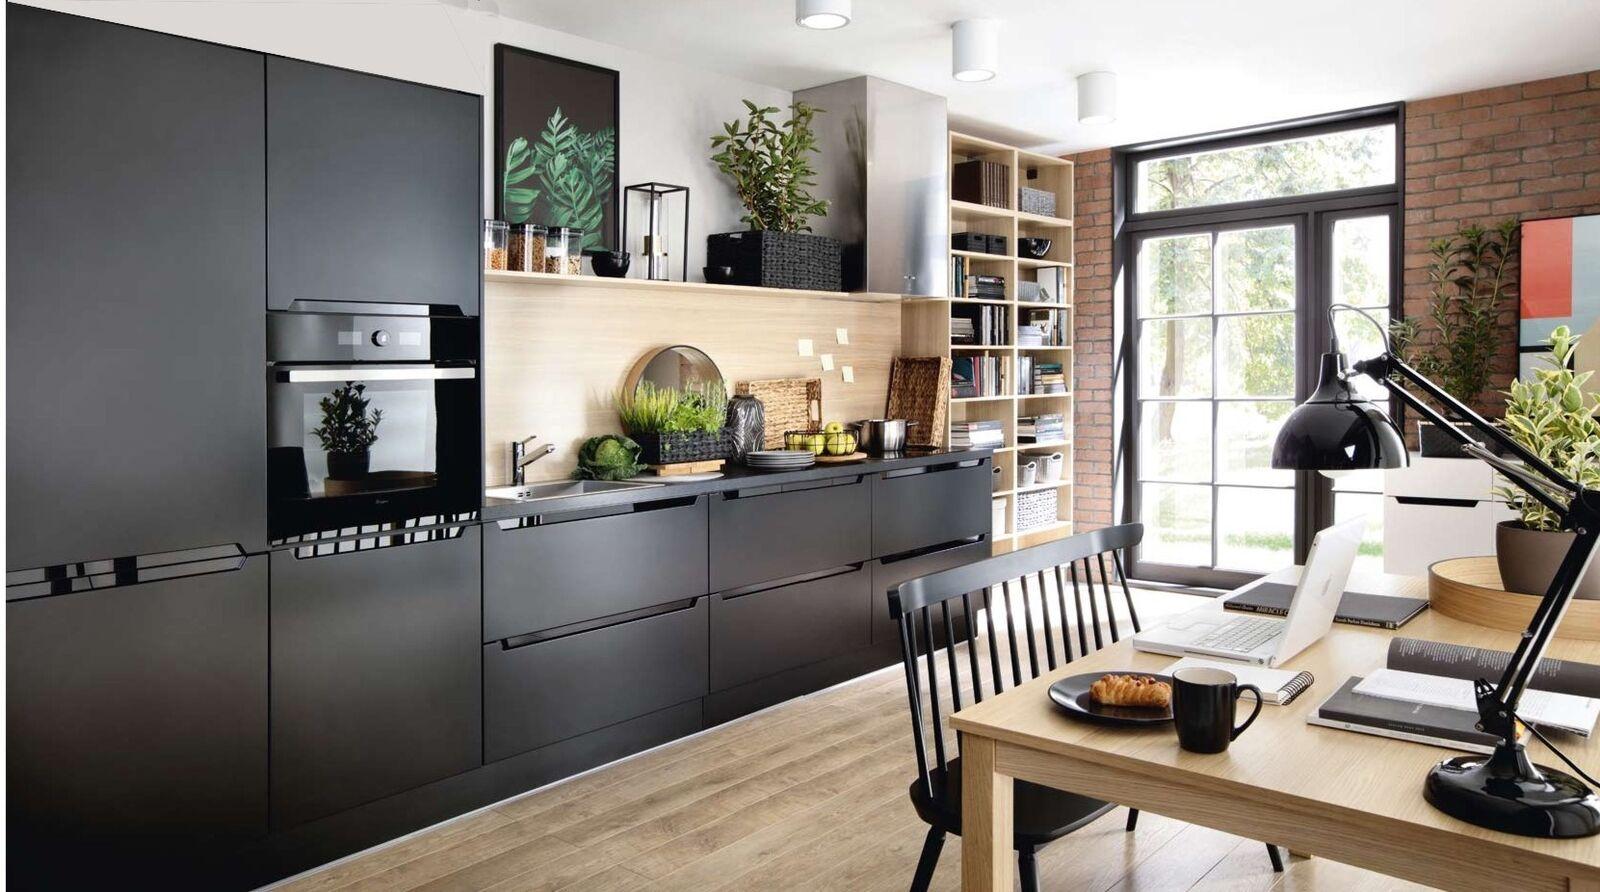 Küchenzeile, Einbauküche schwarz matt Fronten - erweiterbar  Blum Technik